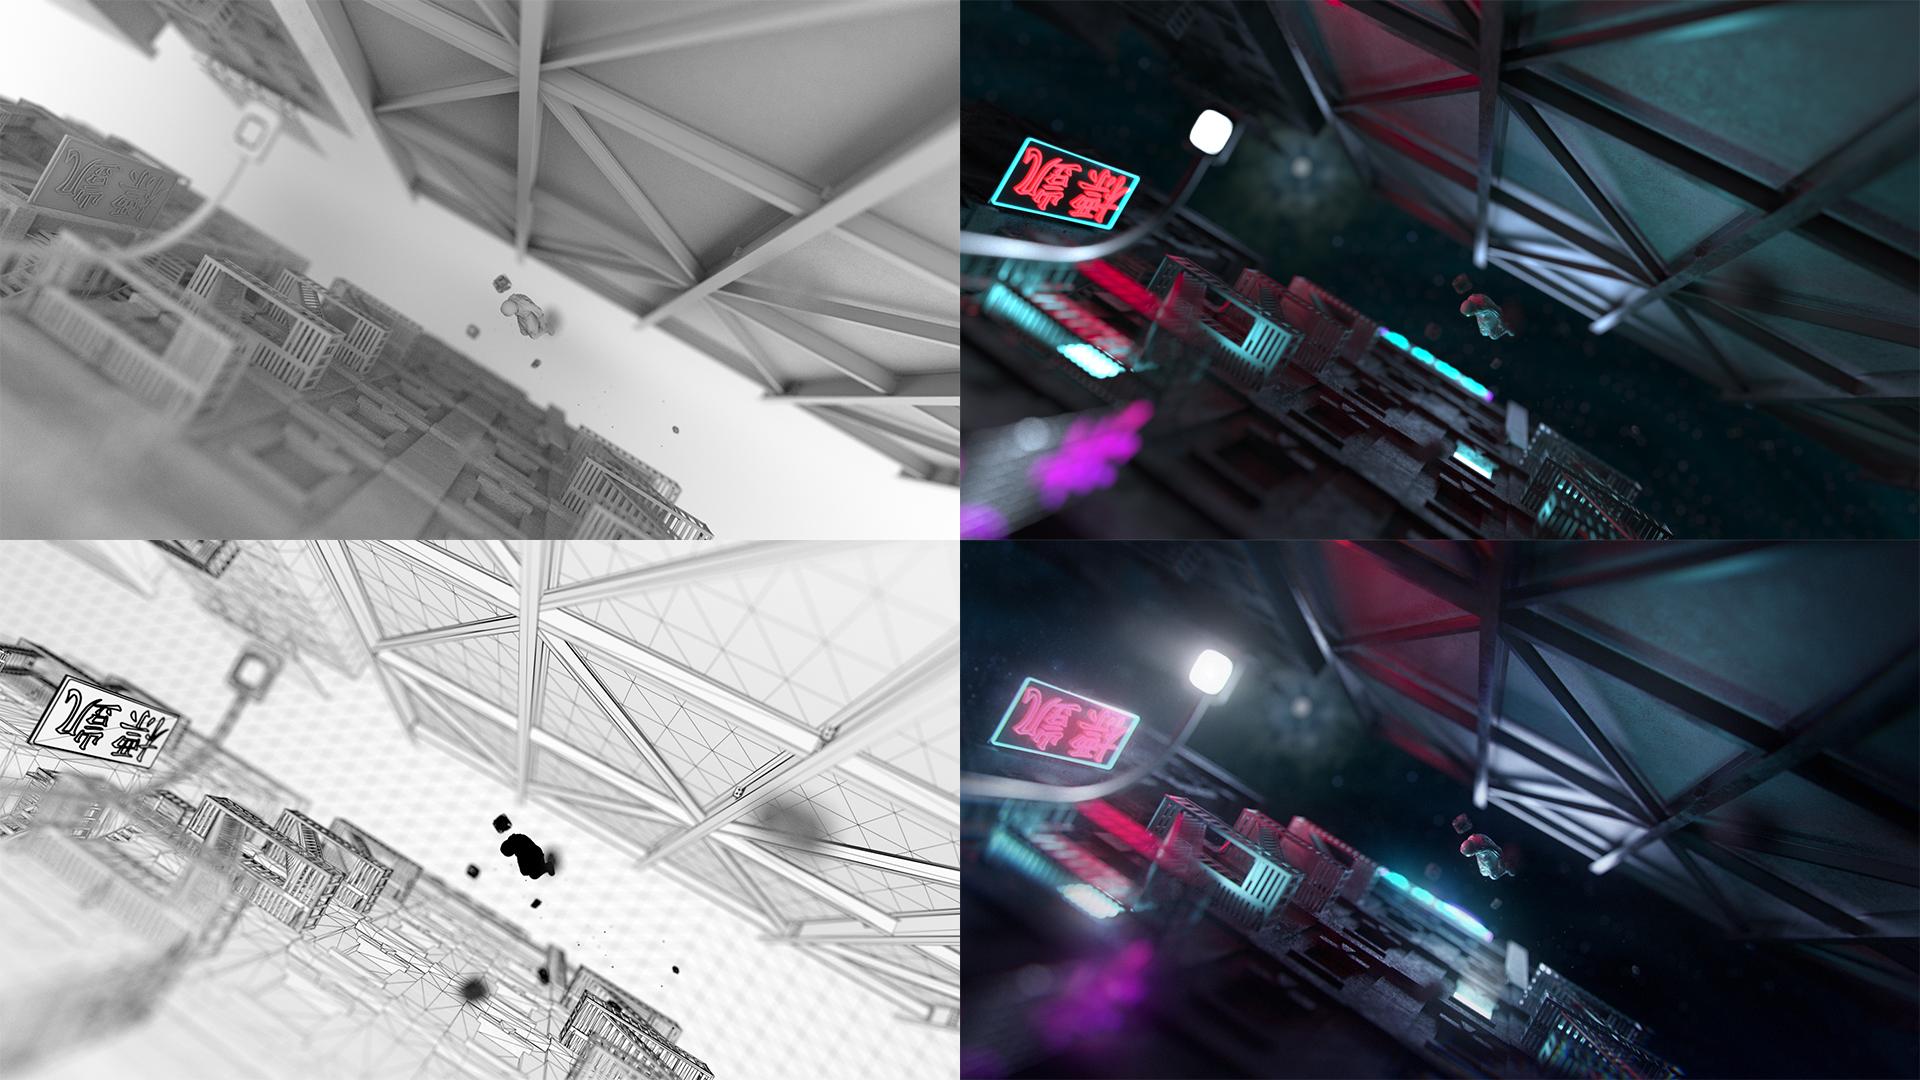 NextAwards_Scene04_Design01_Breakdown.jpg